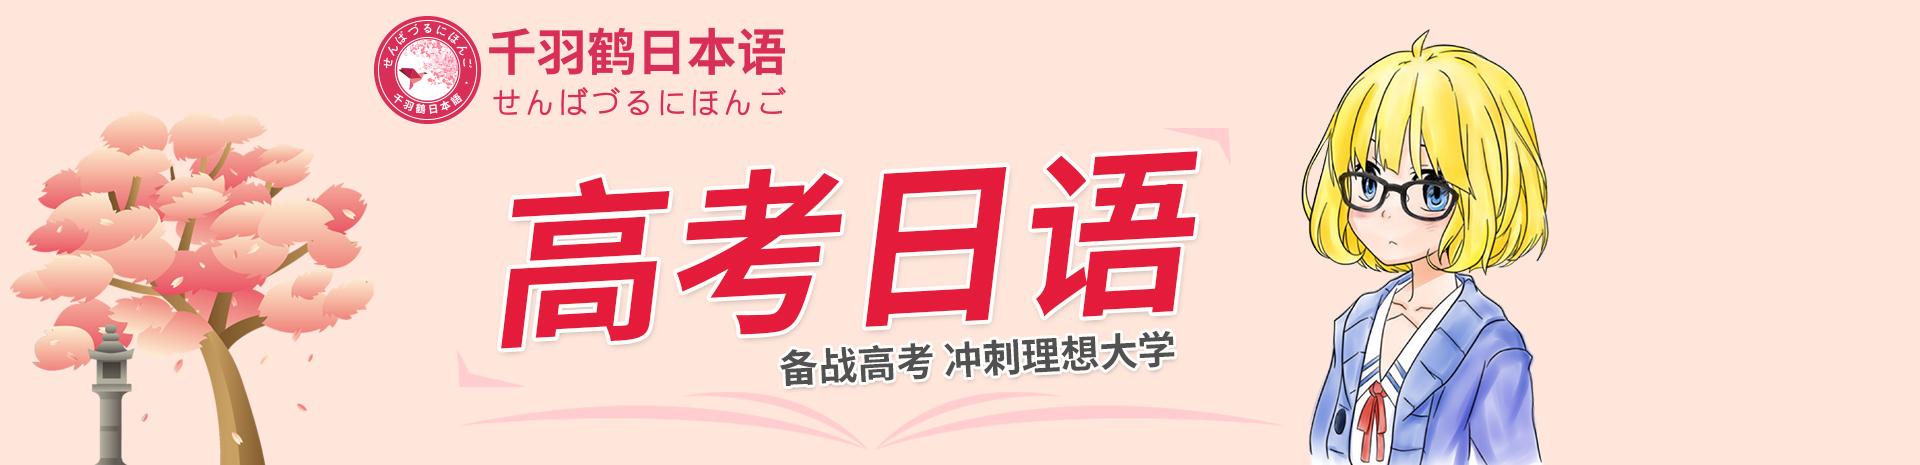 烟台千羽鹤日本语